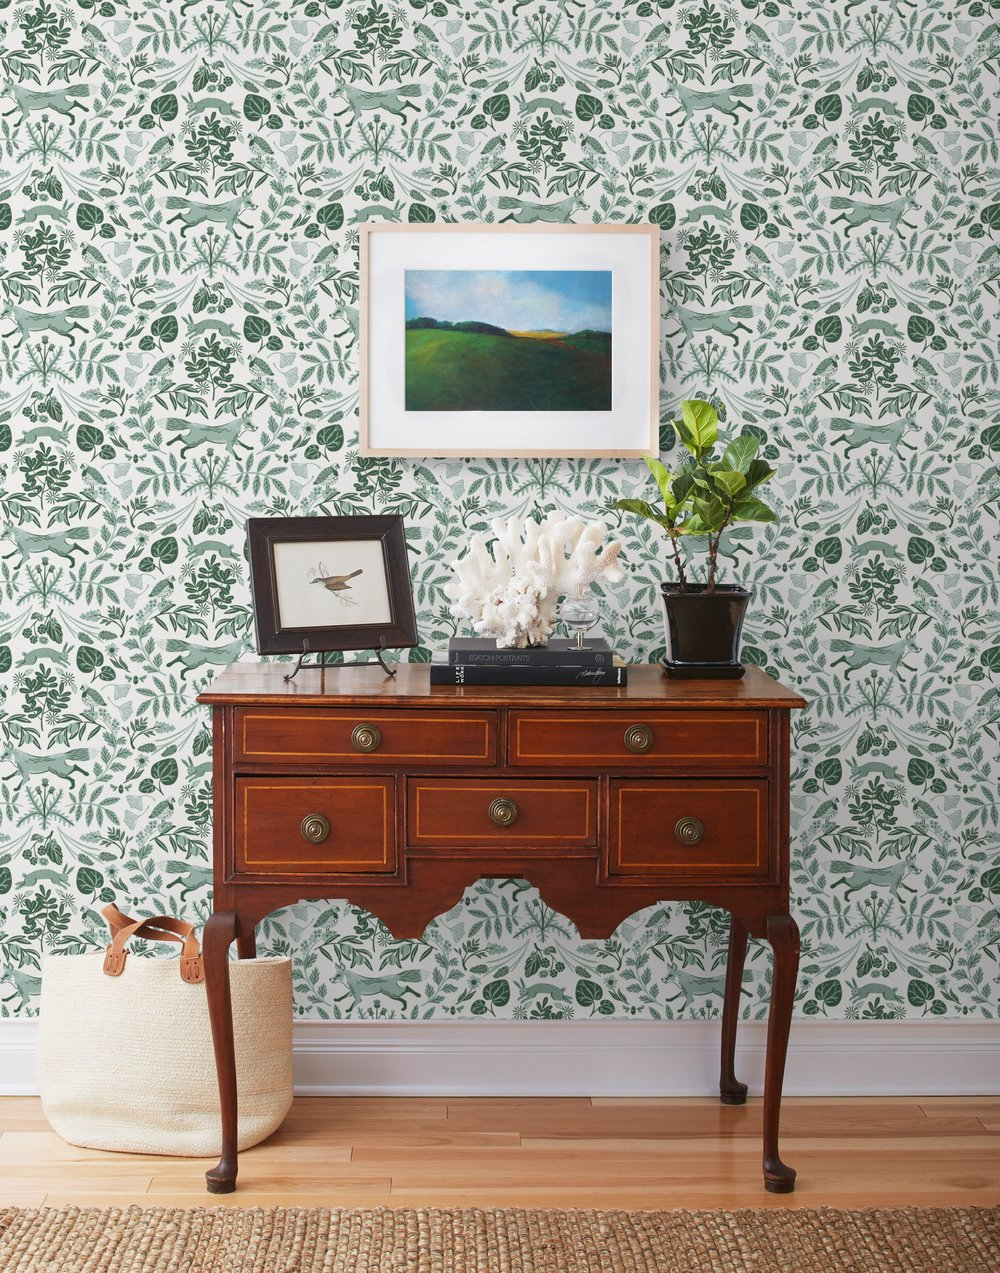 HW_HE003_Piedmont_Pine_Room_web.jpg